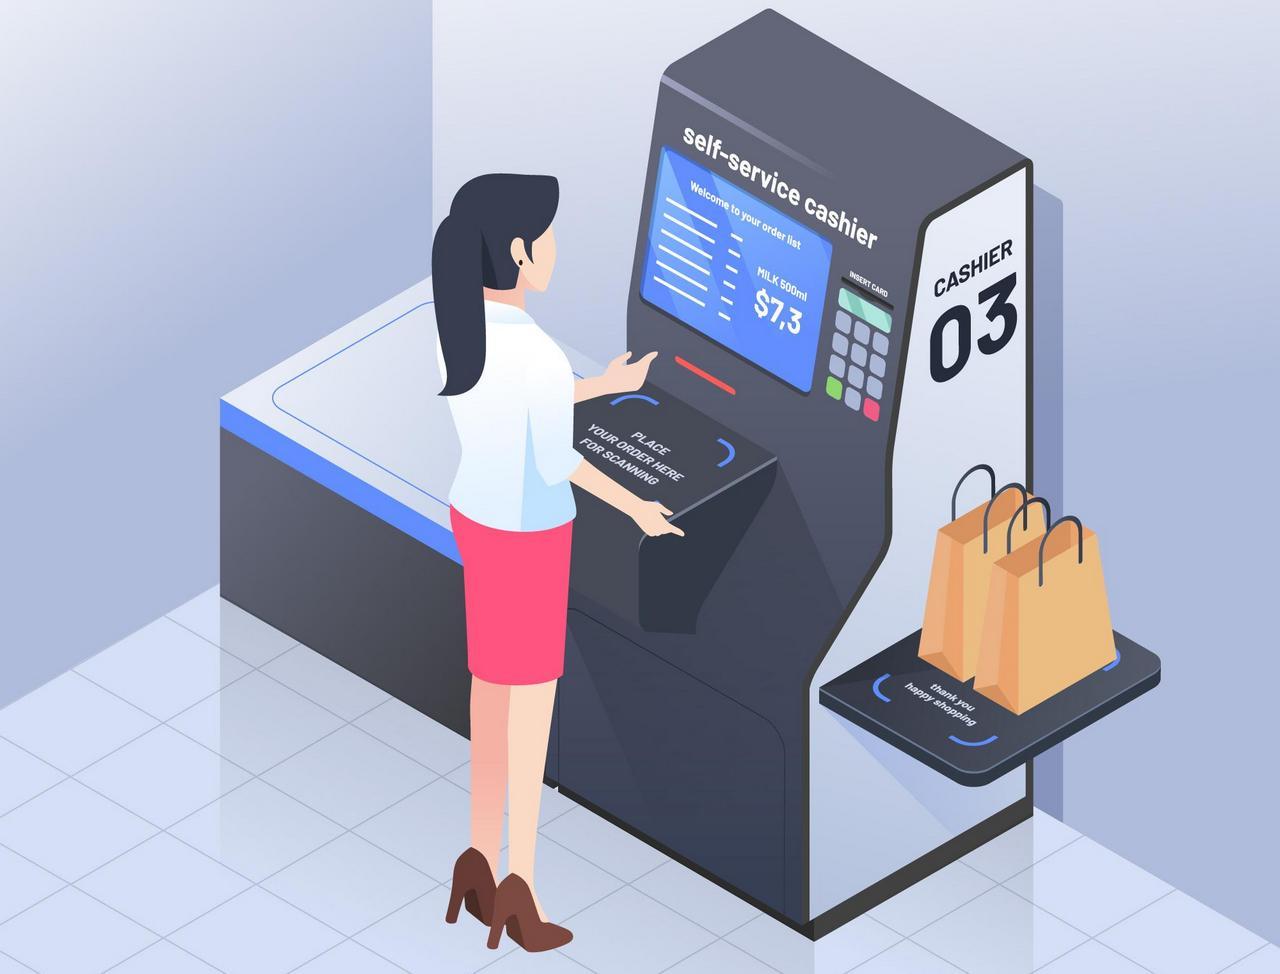 Okazja czyni złodzieja, czyli jak klienci kradną na kasach samoobsługowych? - Poilish Magazine